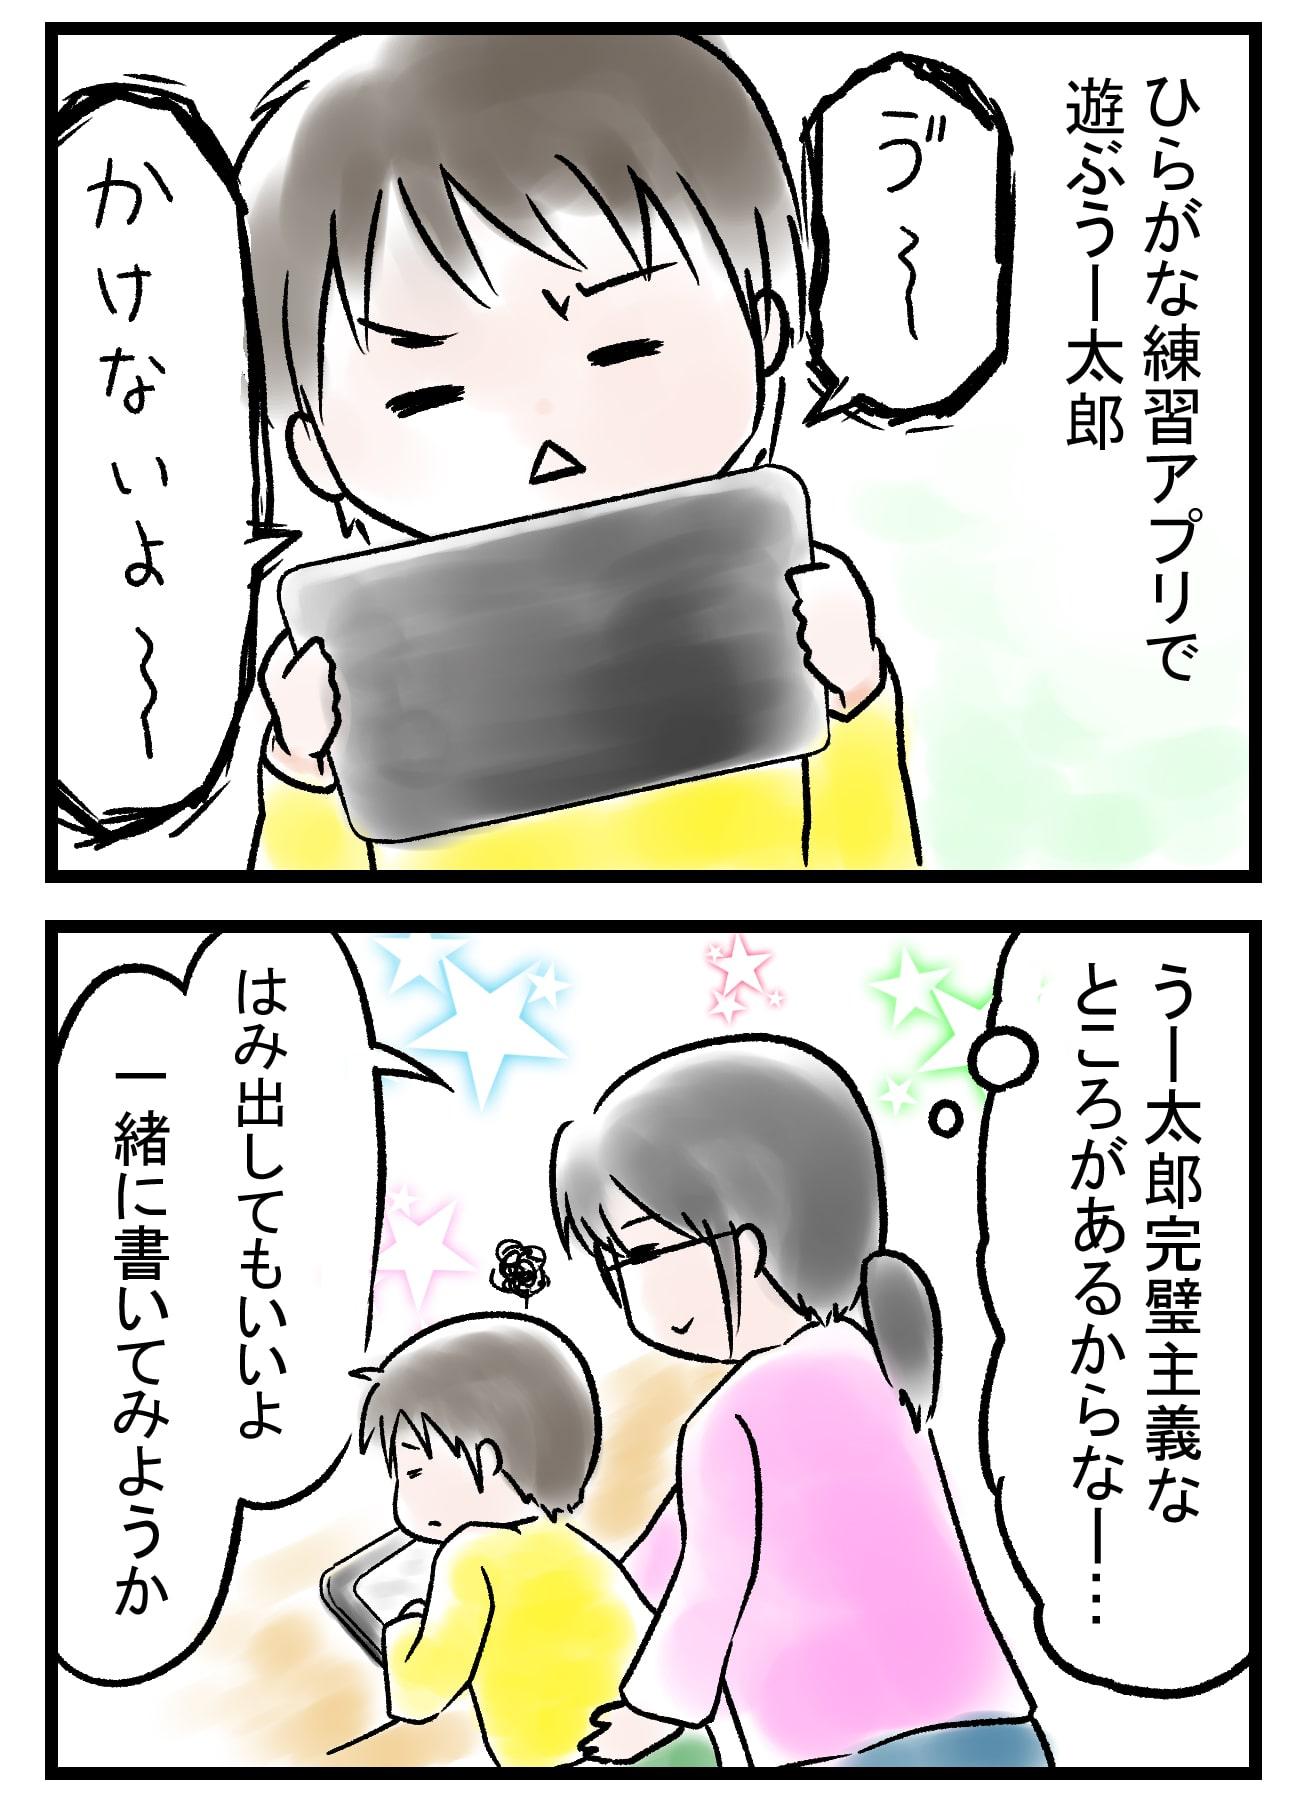 f:id:munyasan:20210823151050j:plain:w600